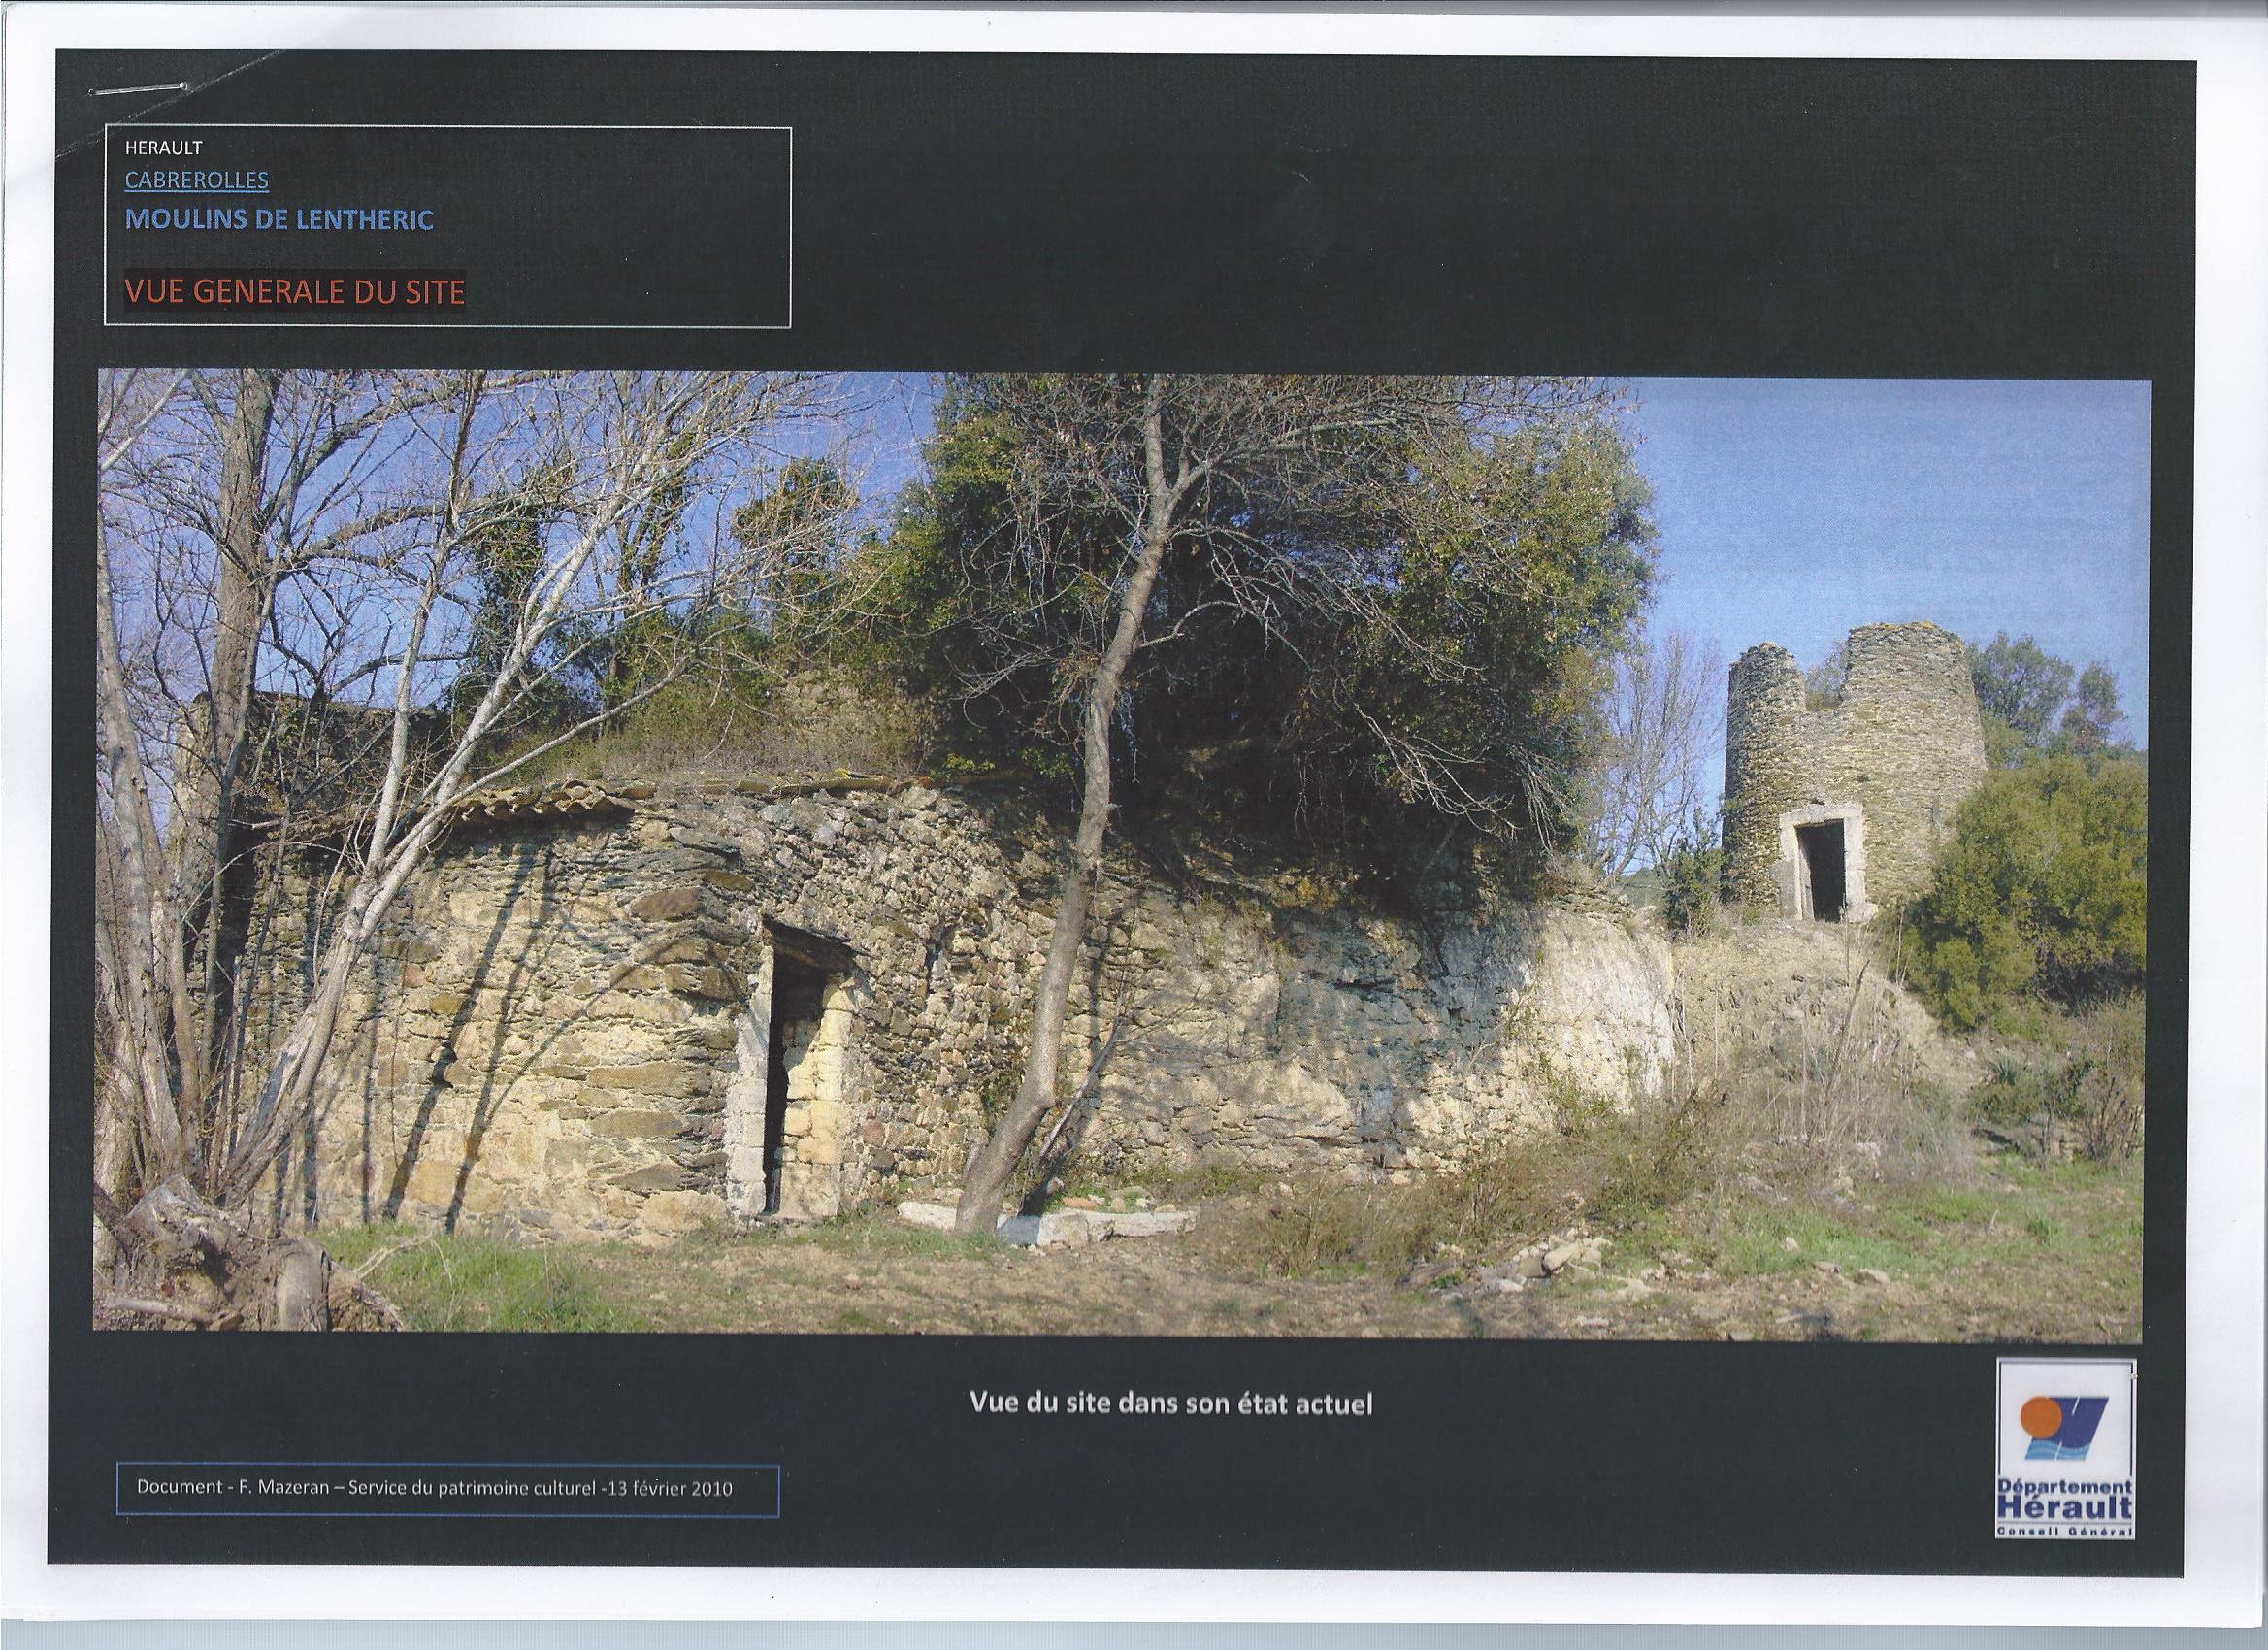 Moulins de Lenthéric